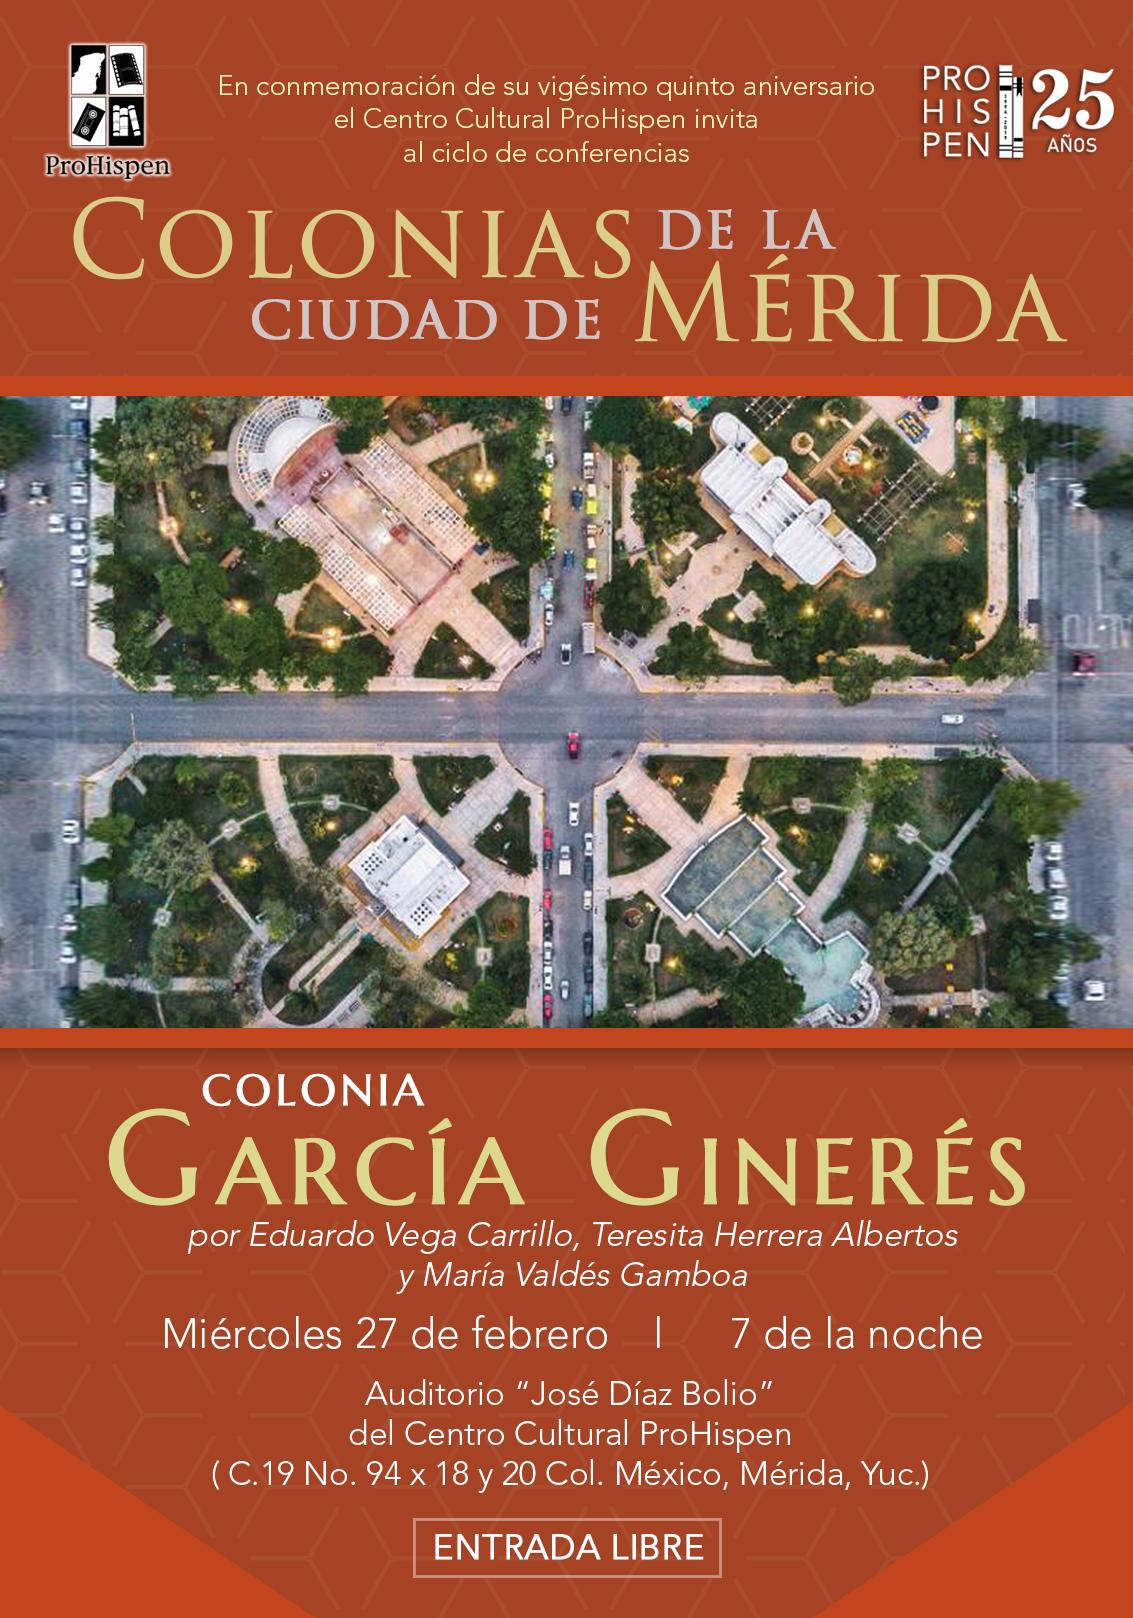 ColoniaGarciaGineres